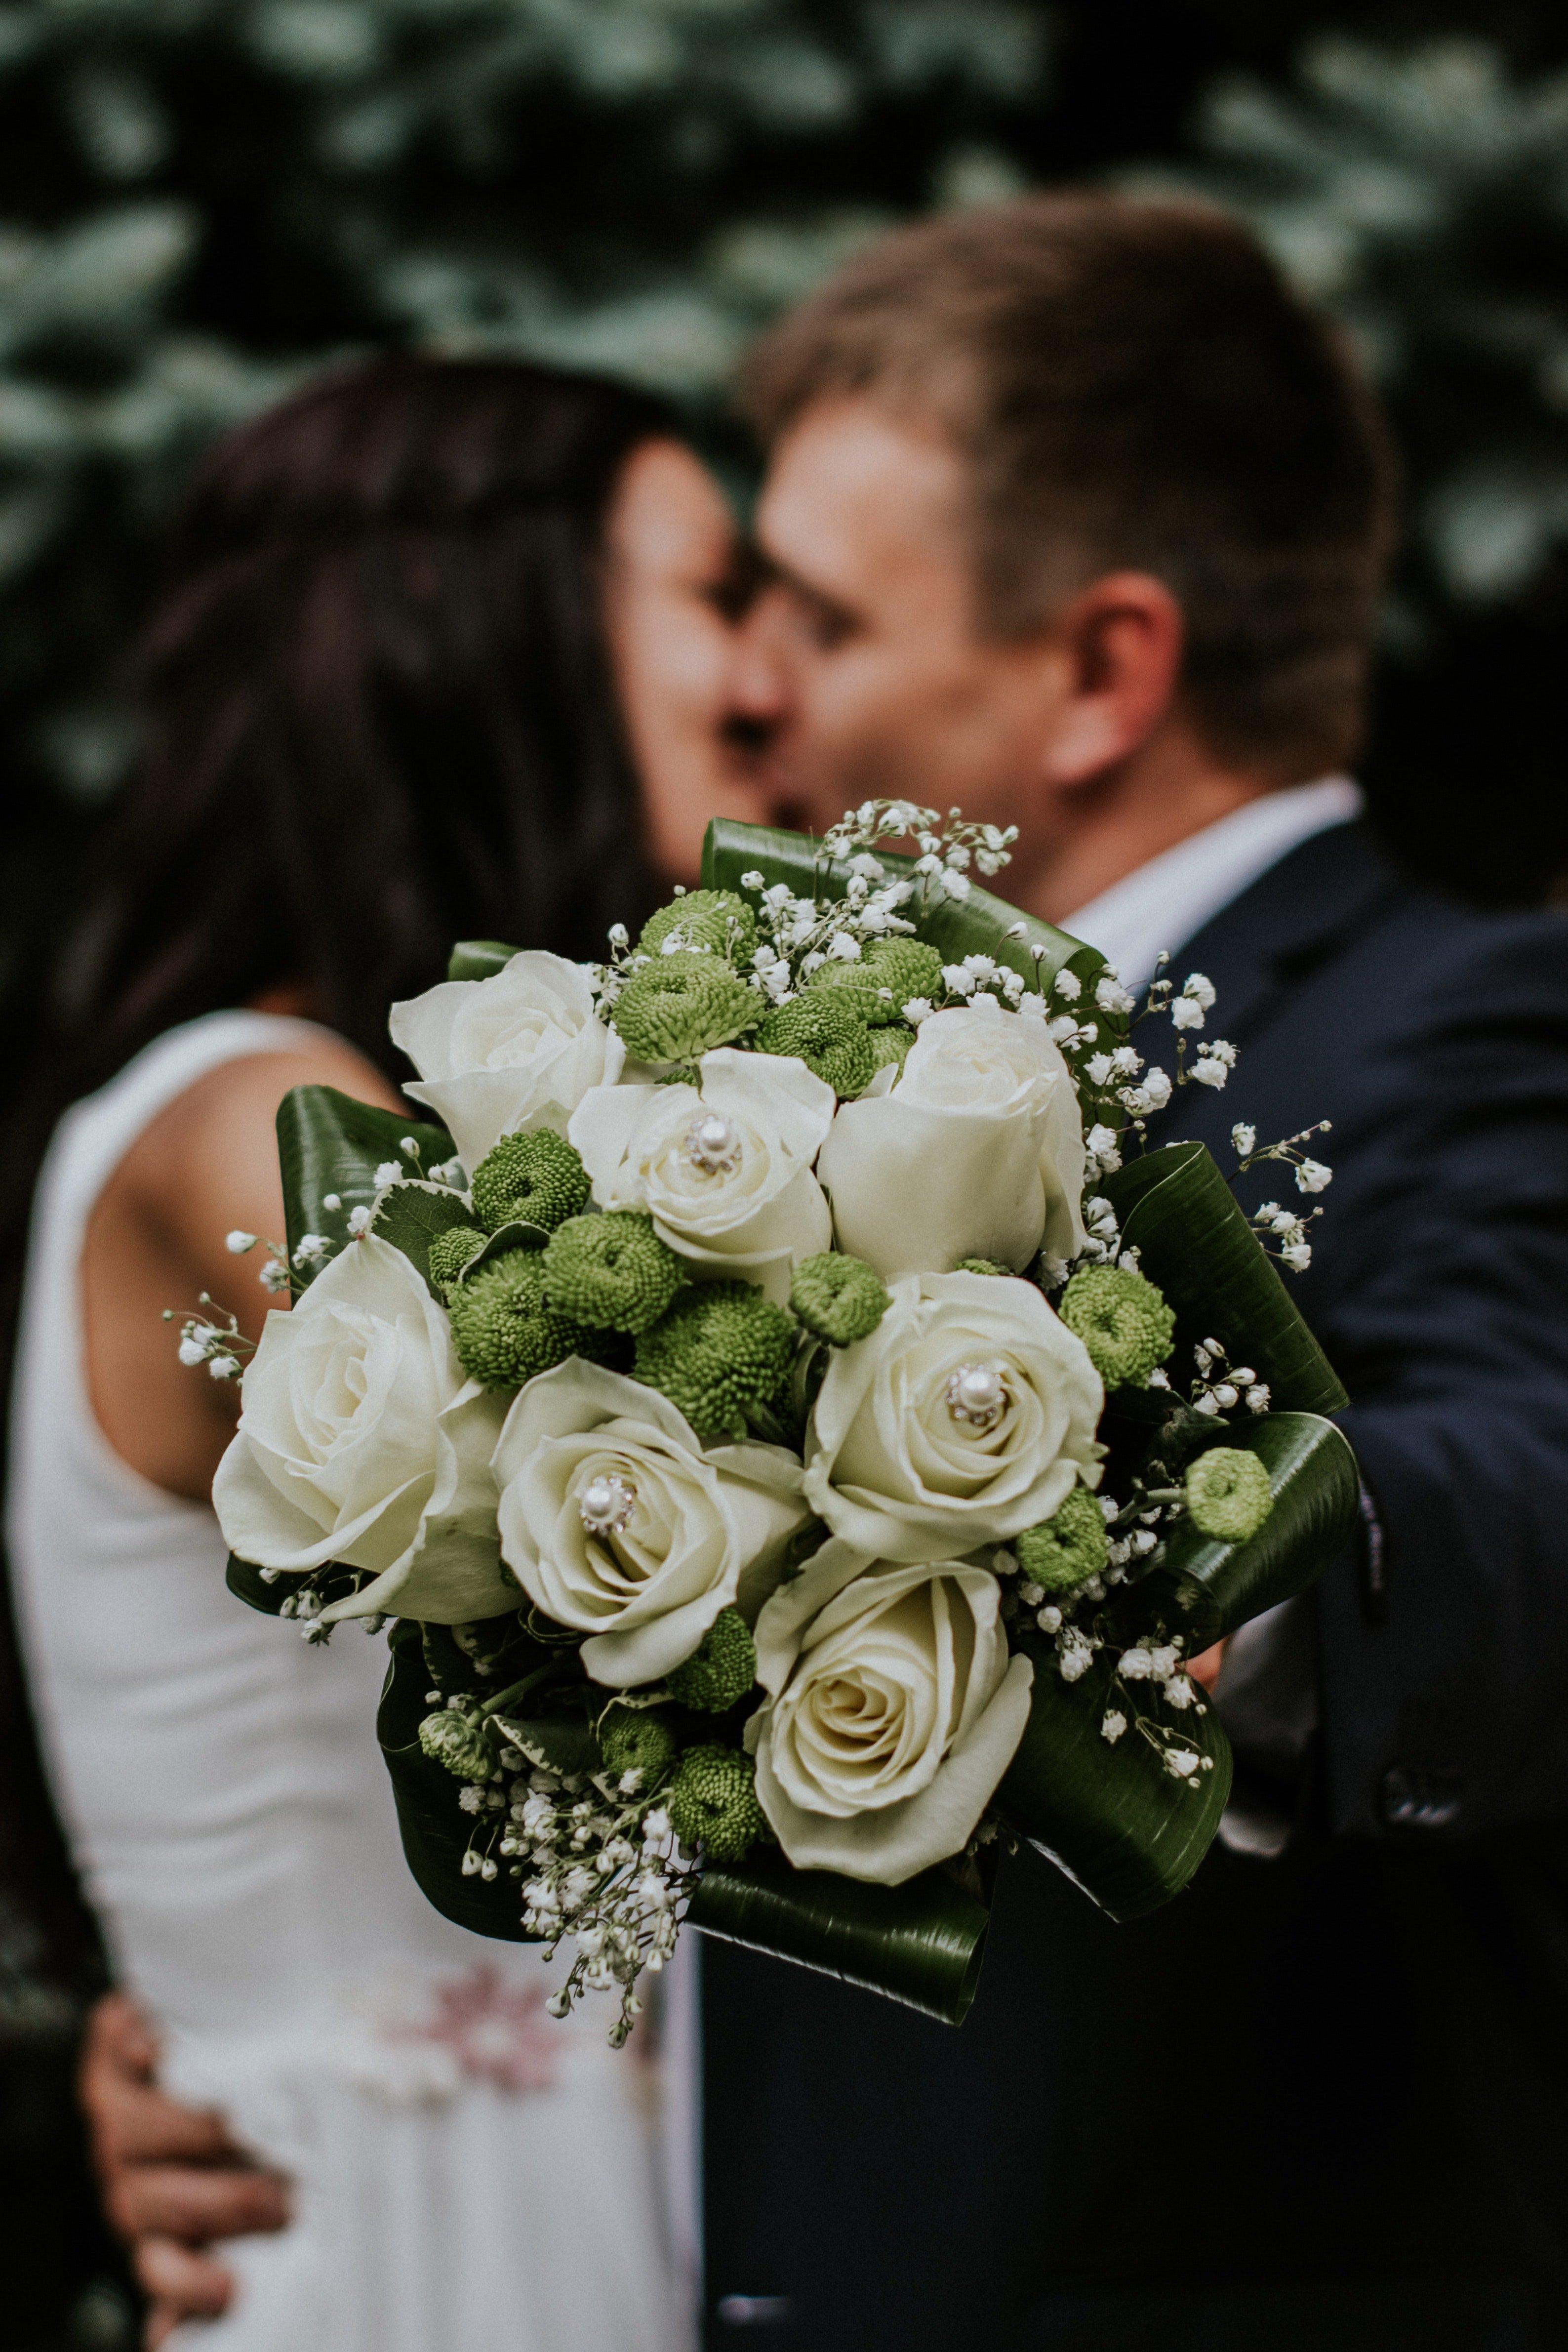 Hochzeitspaar küsst | Quelle: Pexels